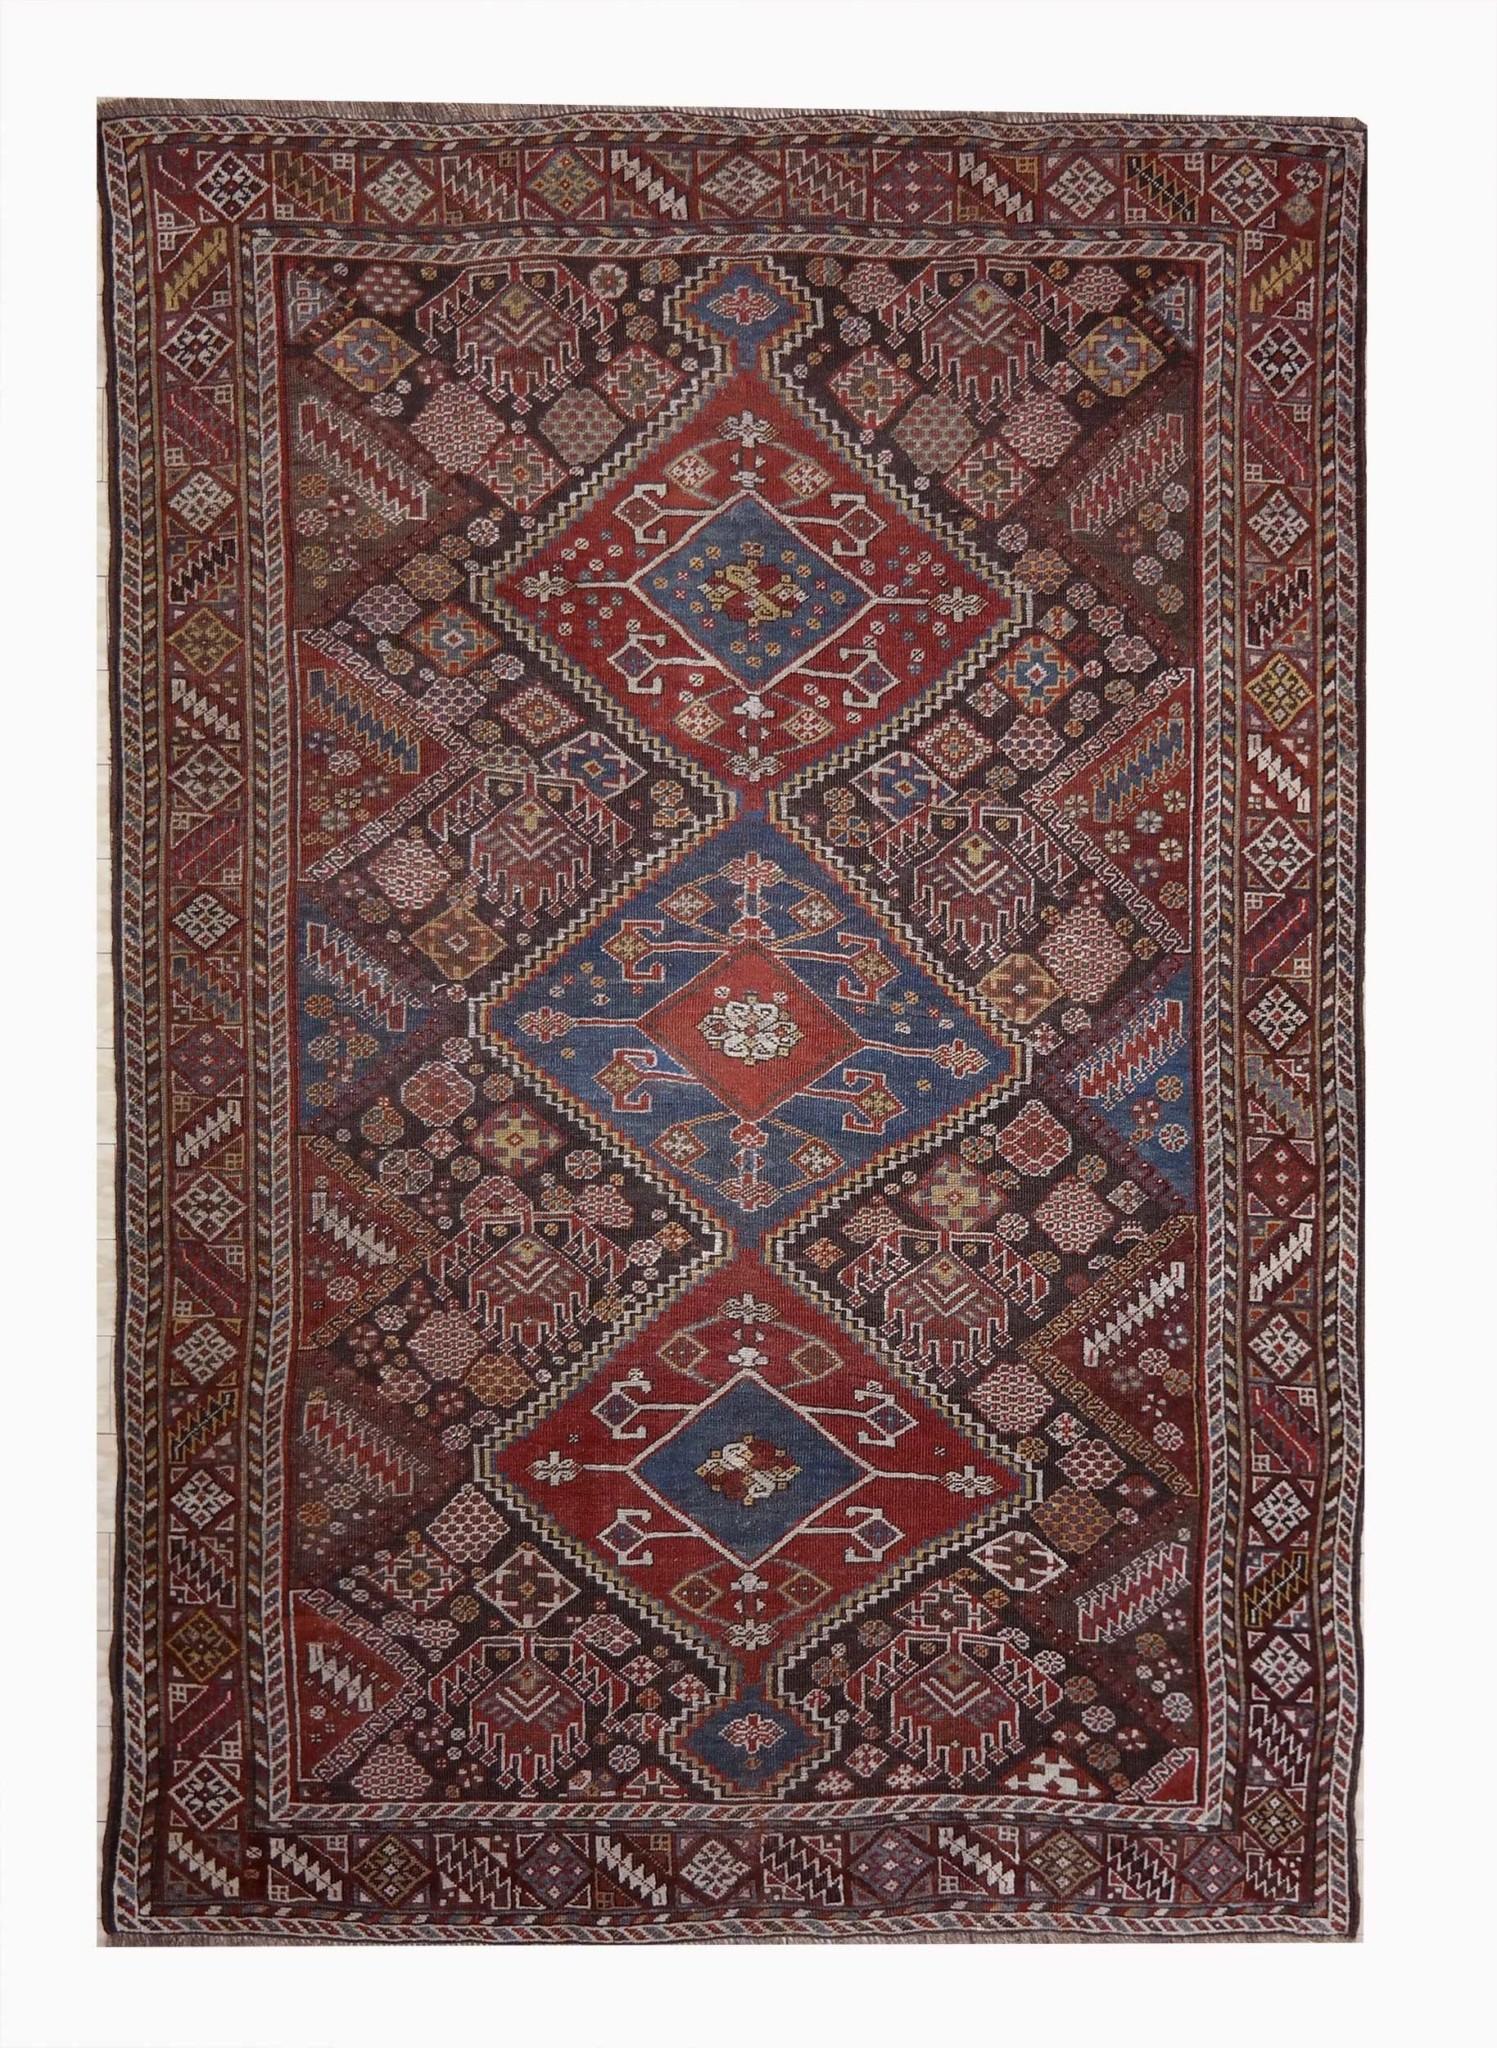 SAM_6045 gashgai antico 1800 , 195 x 147cm in offerta 4800,00